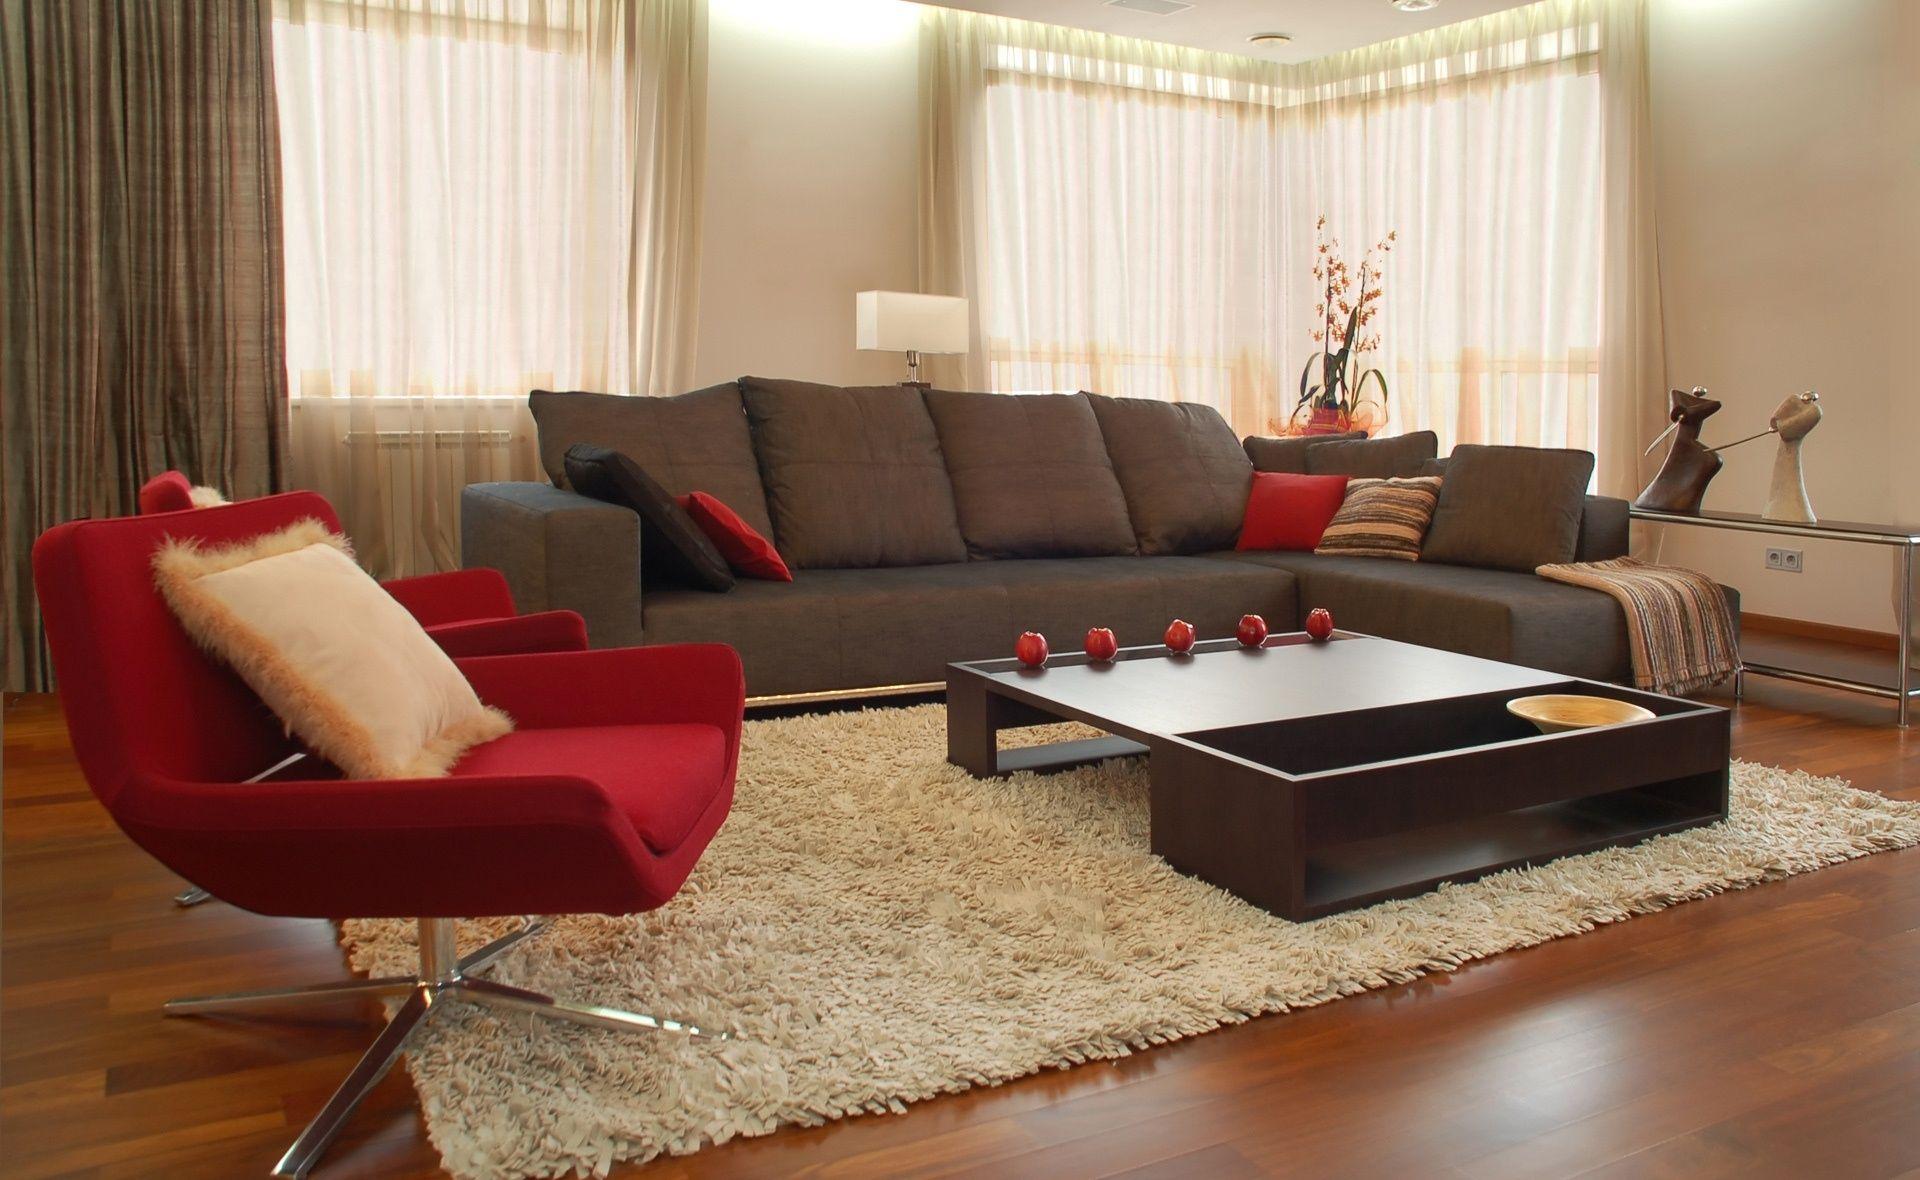 Muebles Rojo Marron Buscar Con Google Fiestas Pinterest  # Muebles Marrones